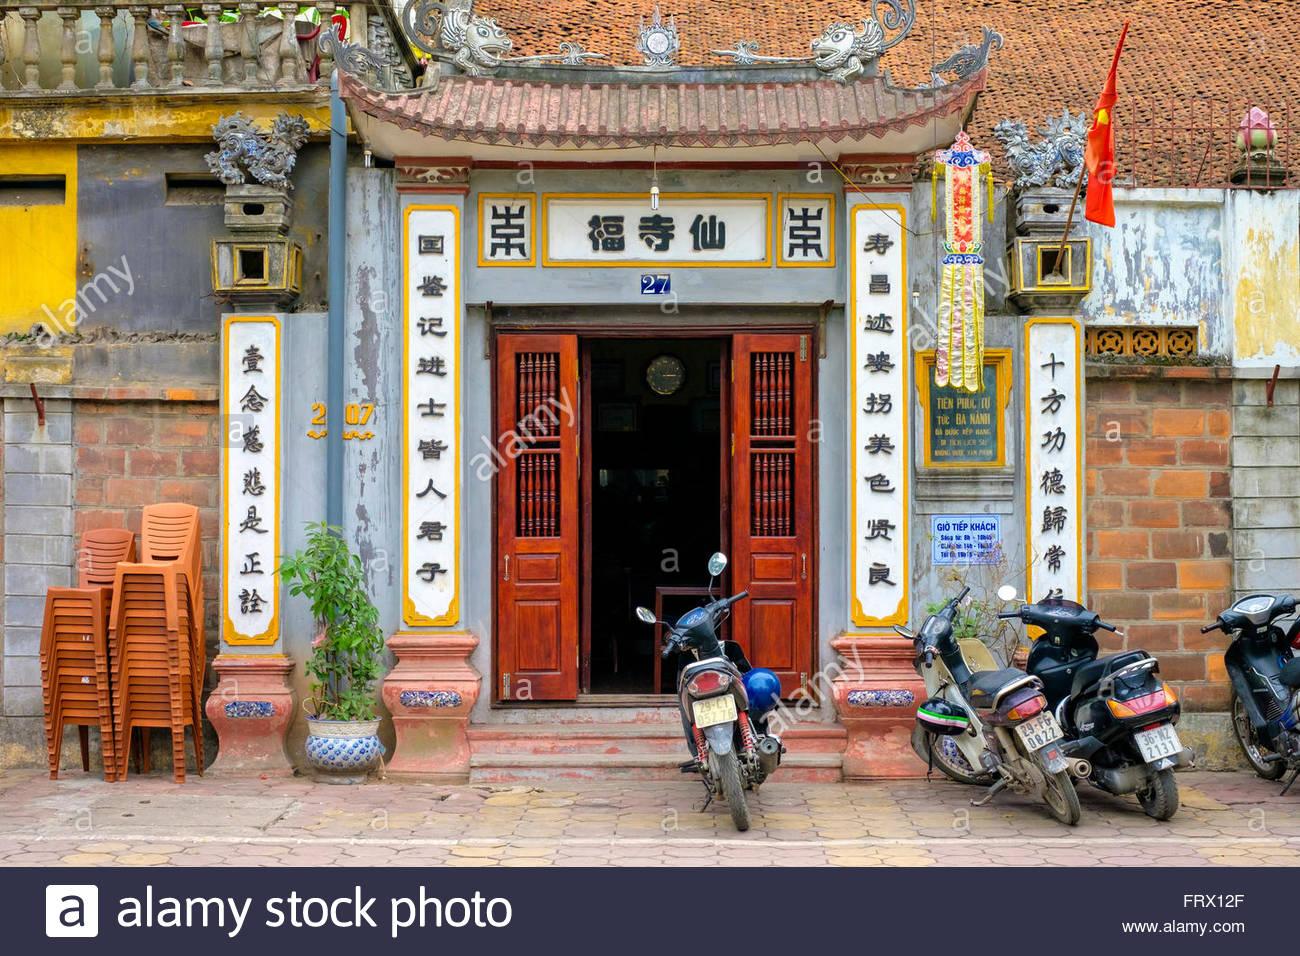 Motos garées à l'extérieur du petit temple, Dong Da District, Hanoi, Vietnam Photo Stock